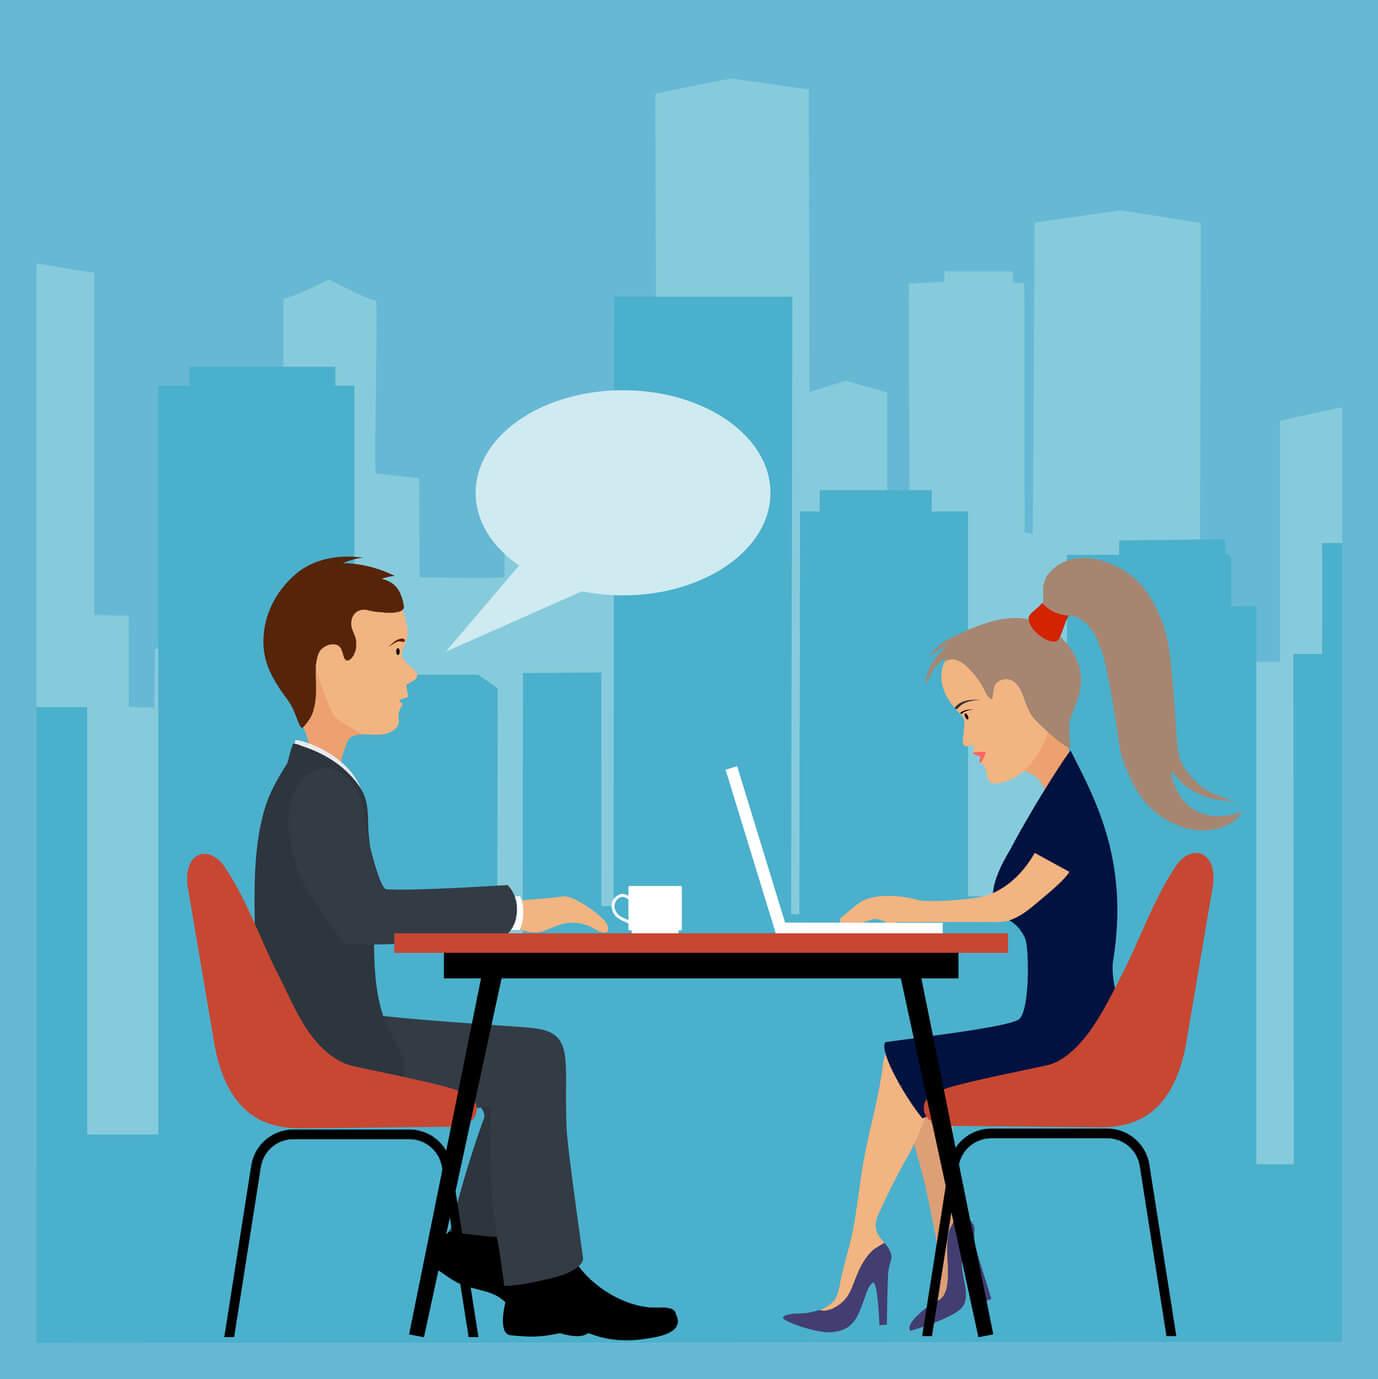 Facilitamos tu proceso de búsqueda de empleo, nuestra asesoría es directa y personalizada, en inglés y español. Te ubicamos en empleos con o sin inglés, tenemos posiciones disponibles para.